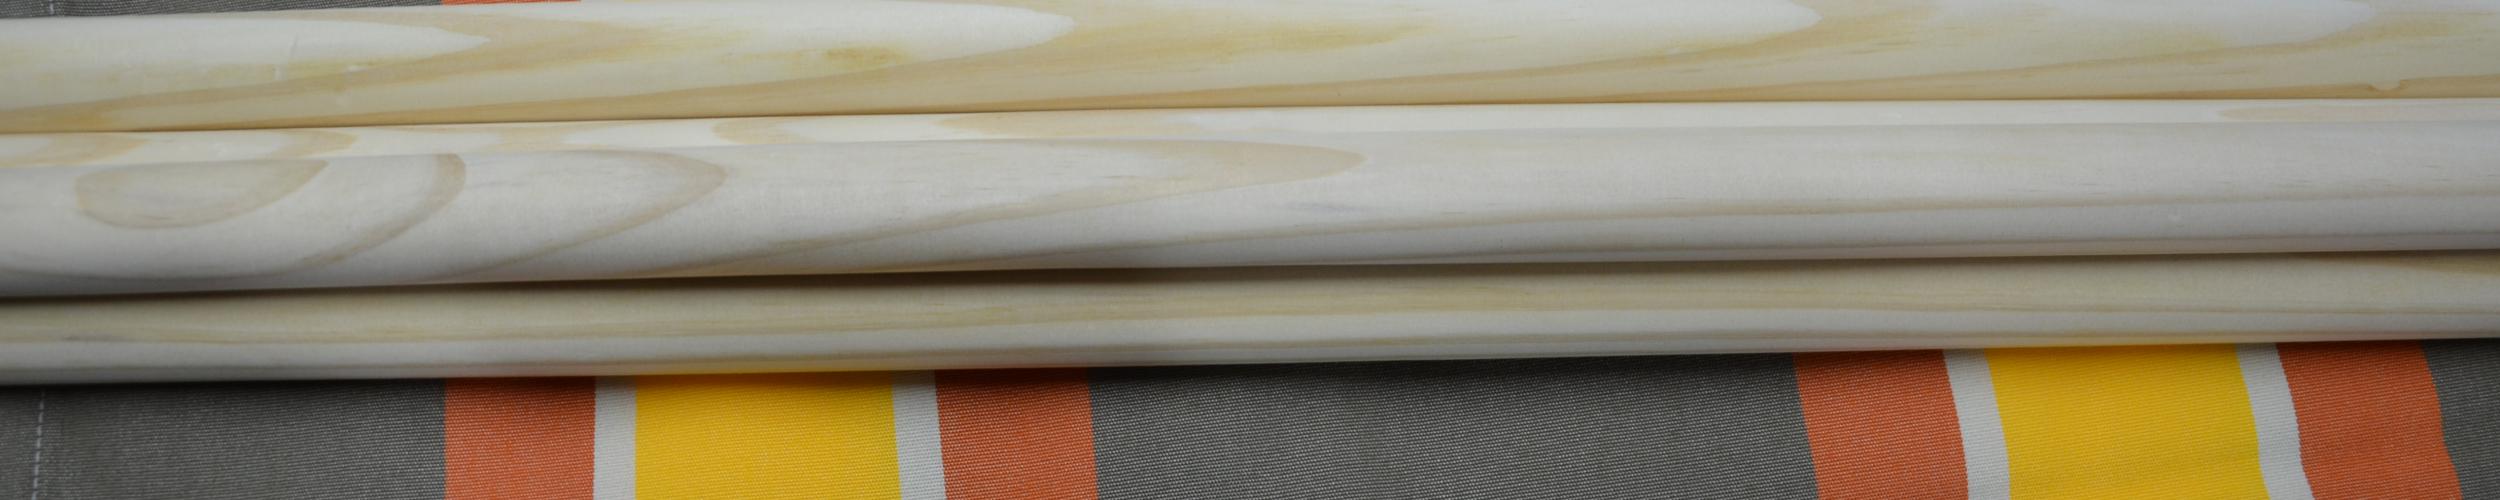 Windscherm Bruin/Oranje/Geel 3,80 meter stockactie nummer 207